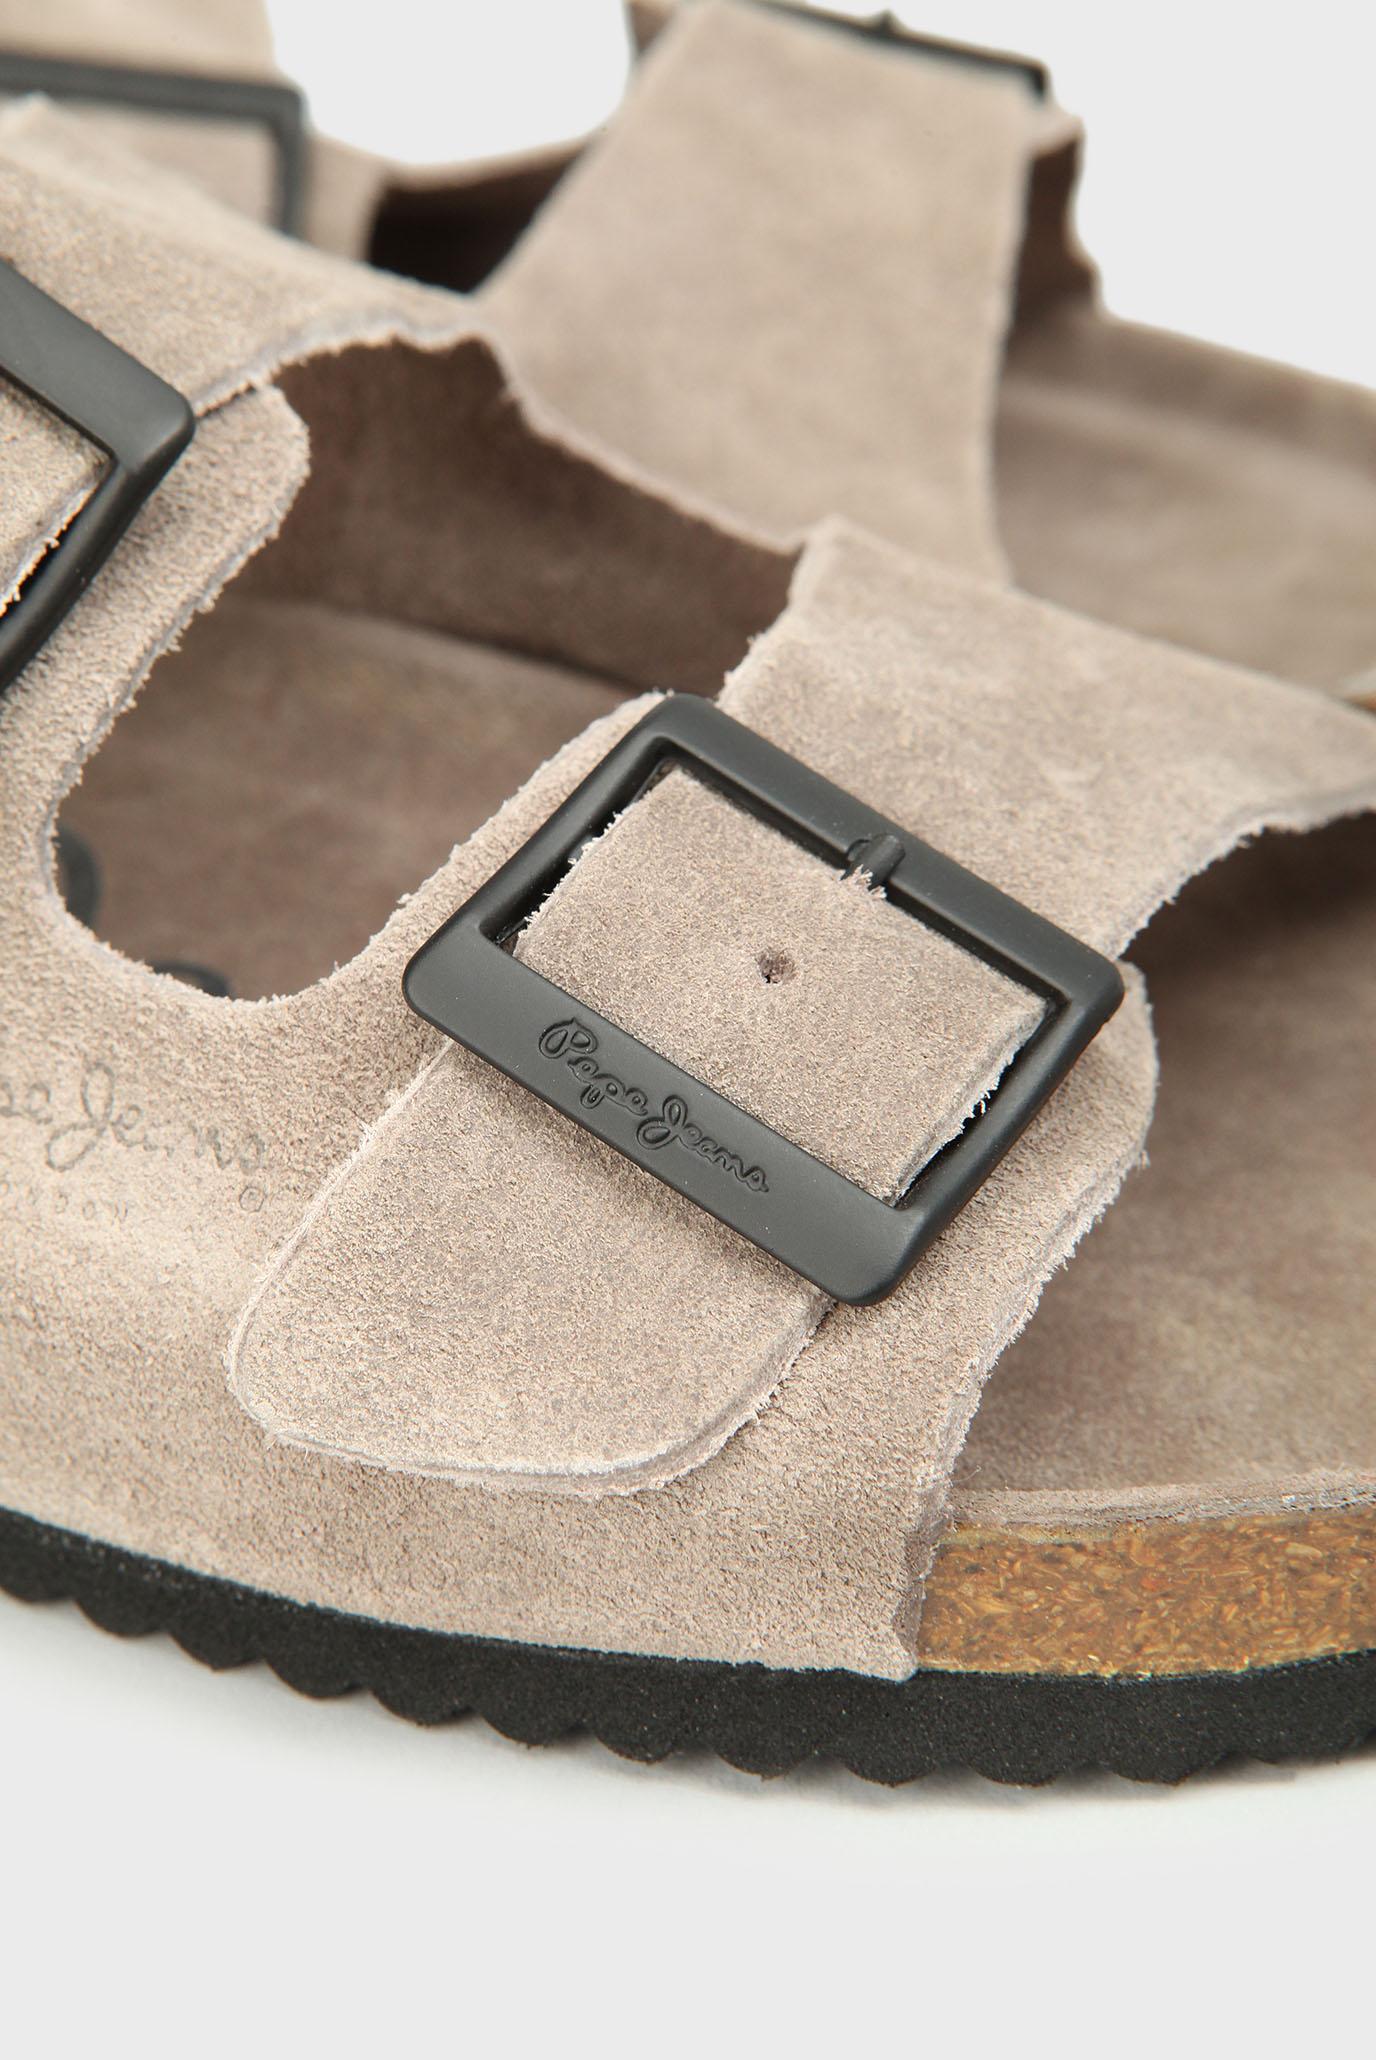 Купить Мужские бежевые замшевые слайдеры  Pepe Jeans Pepe Jeans PMS90053 – Киев, Украина. Цены в интернет магазине MD Fashion